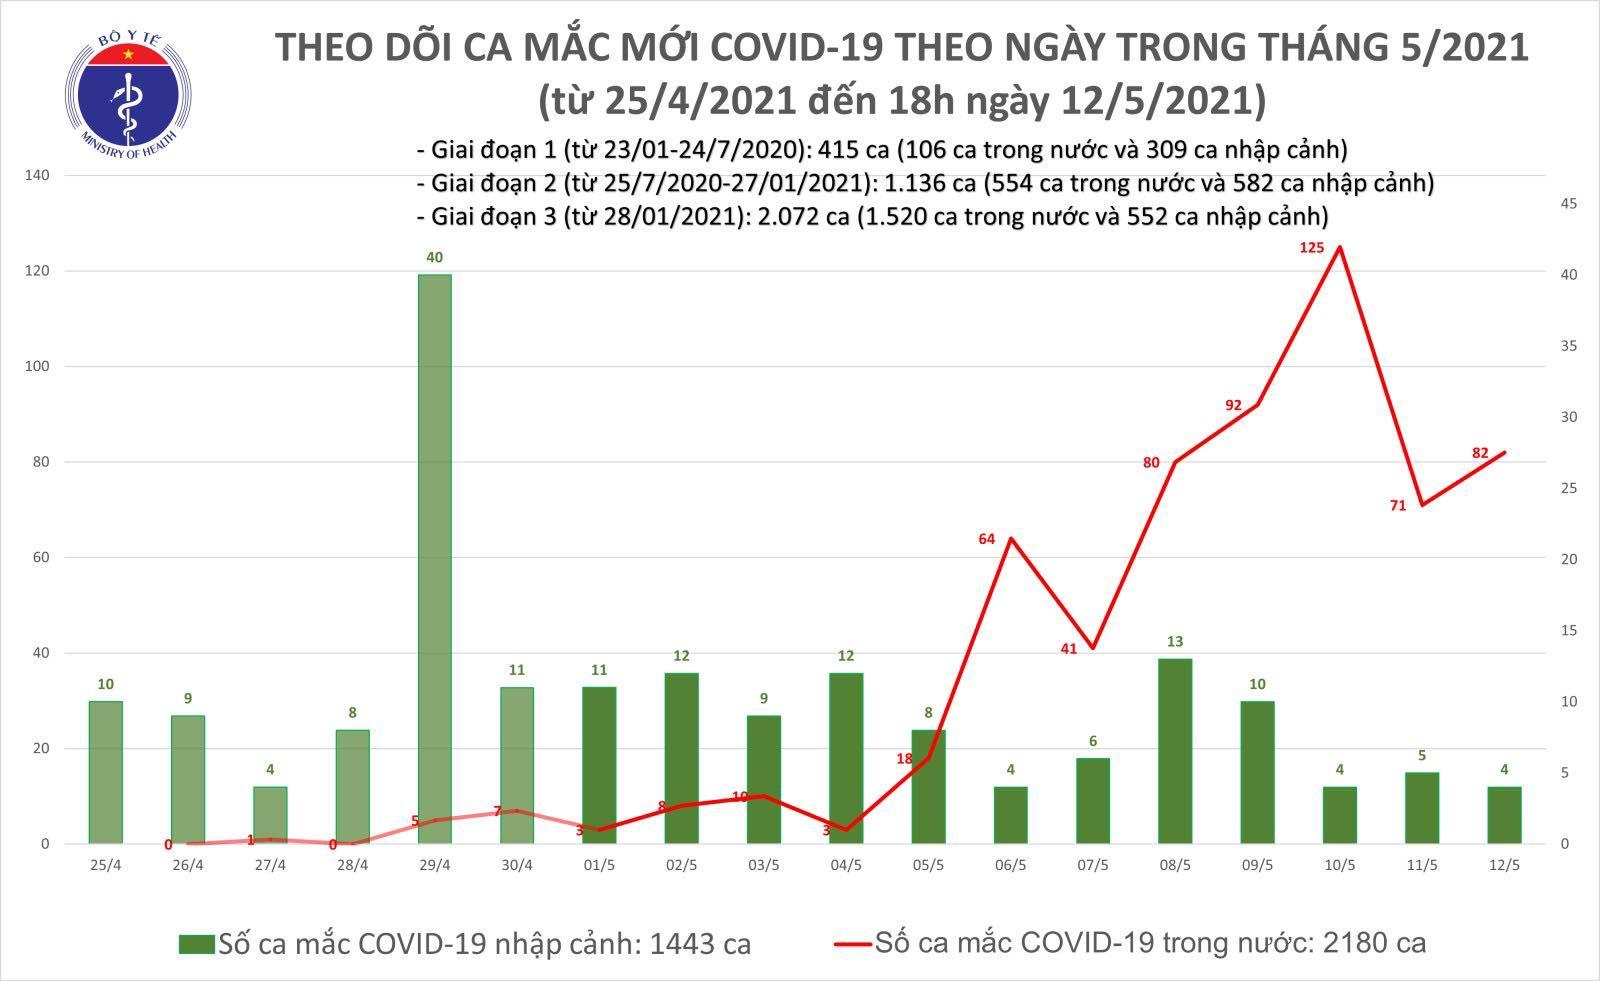 Sáng 13/5: Việt Nam có thêm 33 ca mắc COVID-19 trong nước, riêng Đà Nẵng 22 ca - Ảnh 1.